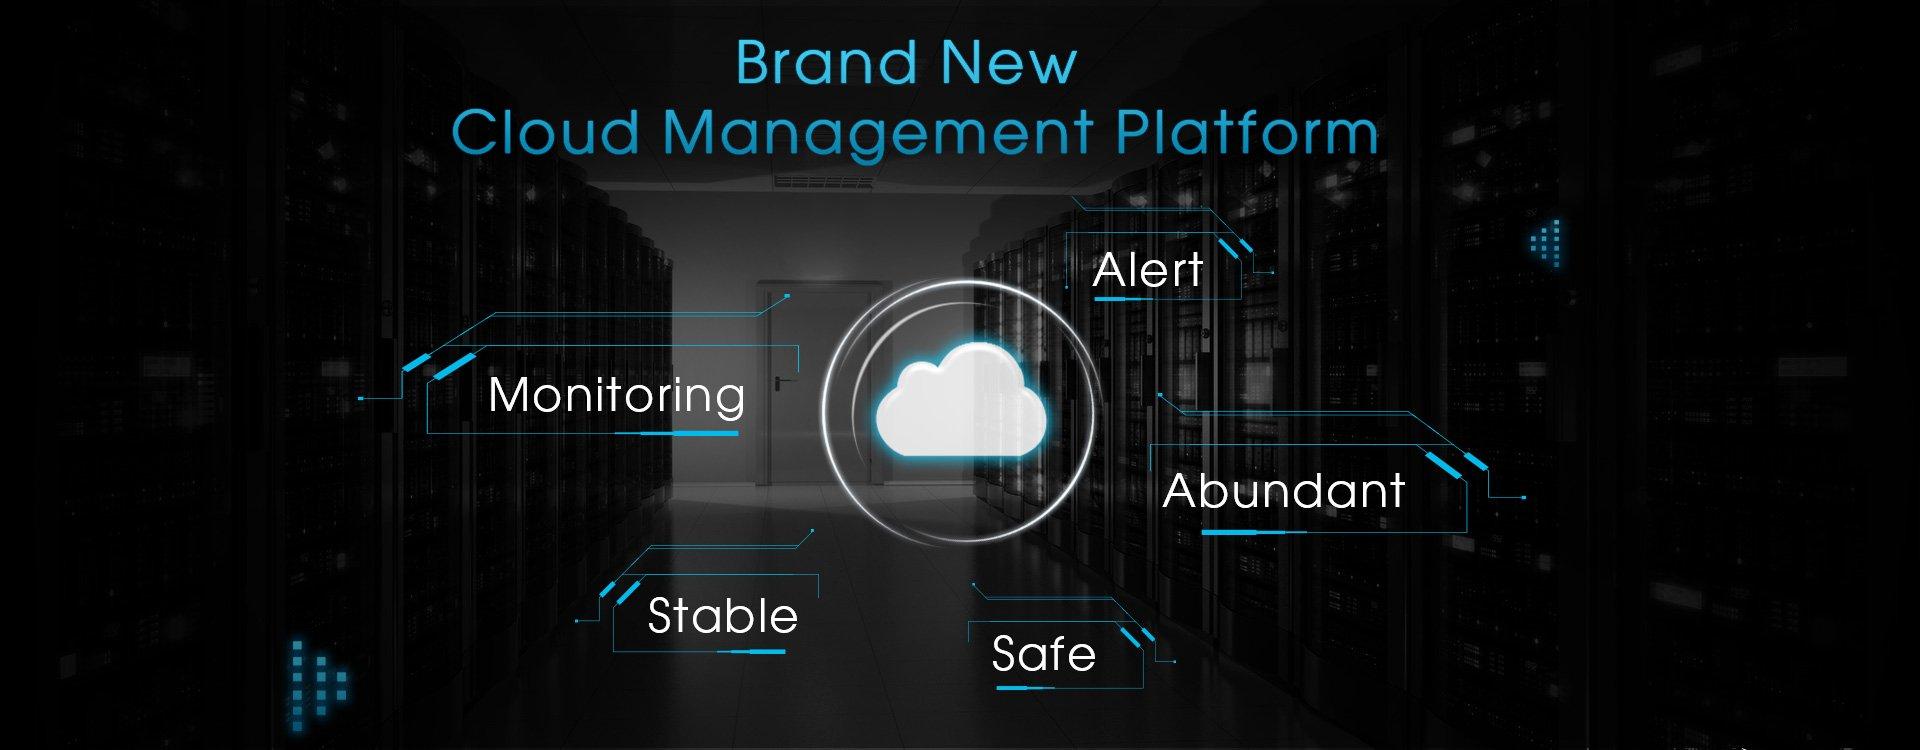 CloudManagementPlatform2.0